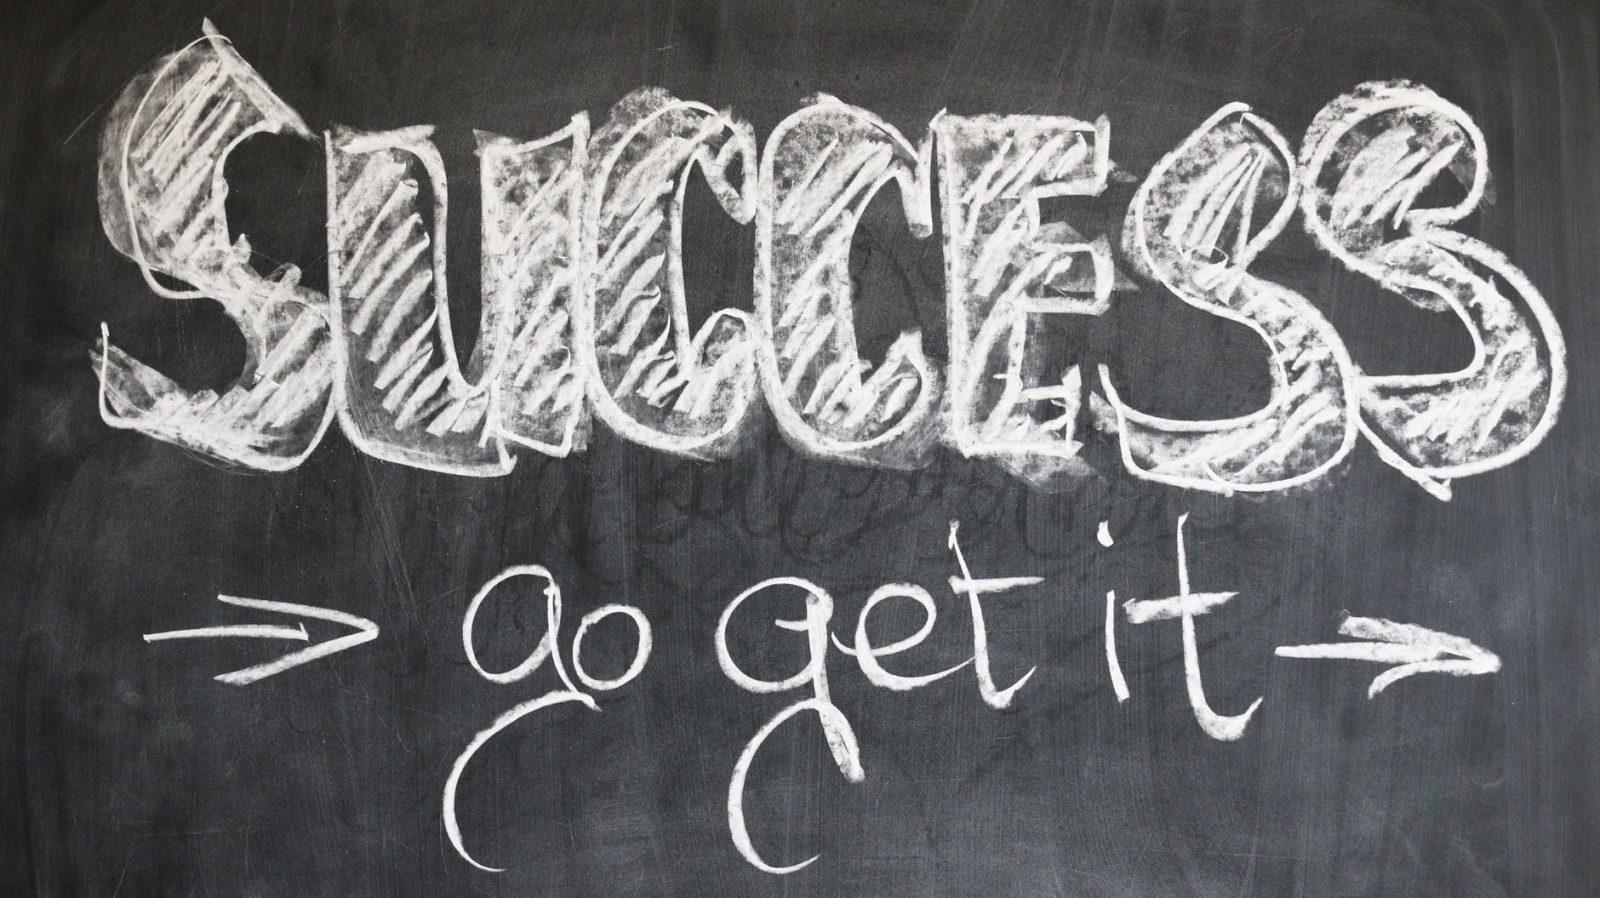 המדריך המדעי על איך להשיג ואיך לעודד מוטיבציה